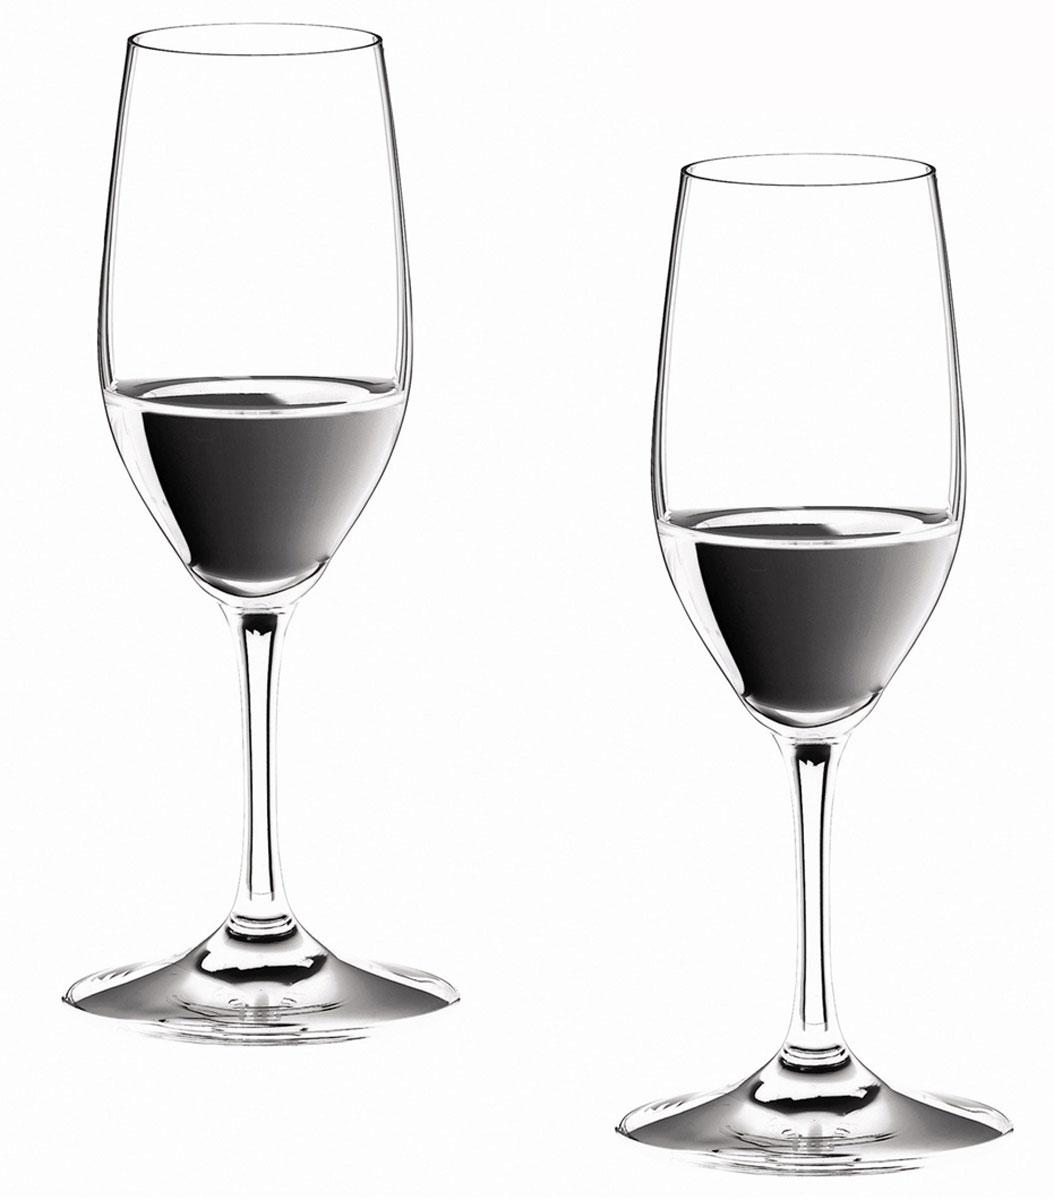 Набор бокалов Riedel Spirits, 180 мл, 2 шт6408/19Набор Riedel Spirits, состоящий из двух бокалов, выполнен из высококачественного стекла. Бокалы предназначены для подачи спиртных напитков. Наборсочетает в себе элегантный дизайн и функциональность. Благодаря такому набору пить напиткибудет еще вкуснее. Набор Riedel Spirits прекрасно оформит праздничный стол и создаст приятную атмосферу заромантическим ужином. Такие бокалы также станут хорошим подарком к любому случаю.Можно мыть в посудомоечной машине. Диаметр бокала (по верхнему краю): 4,5 см.Высота бокала: 17,5 см.